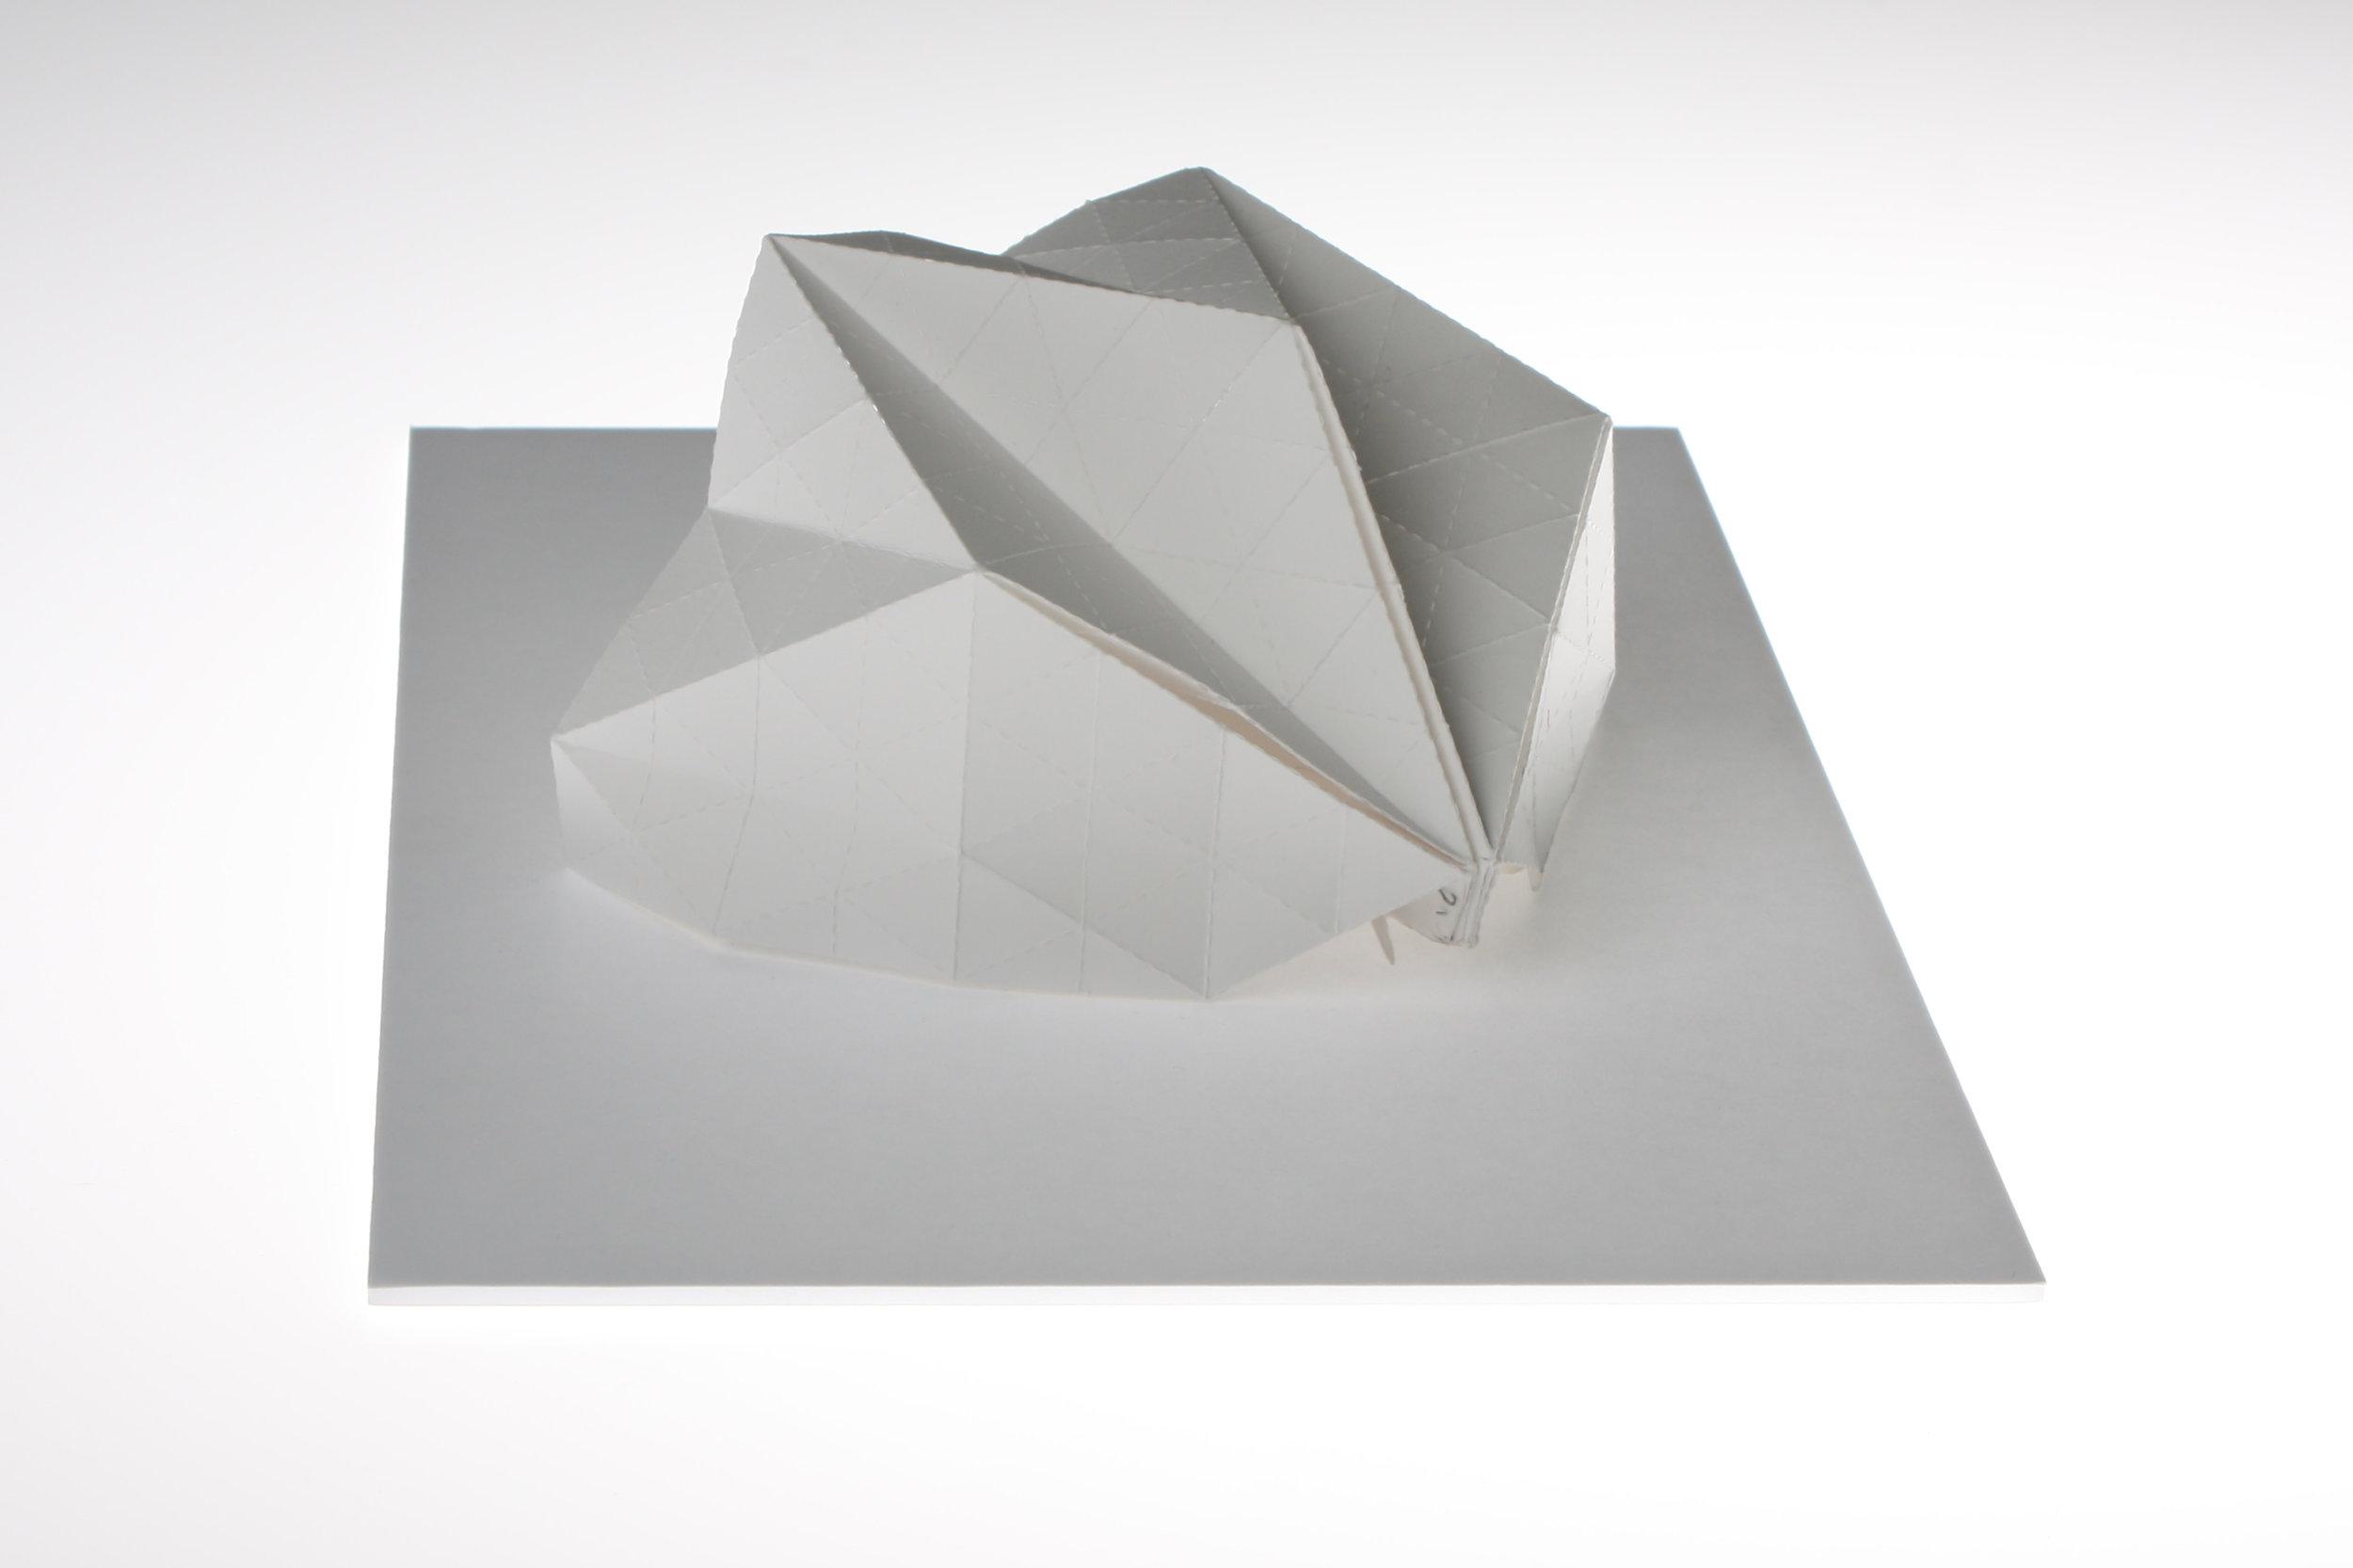 maquette 4 rebecca howson crane away